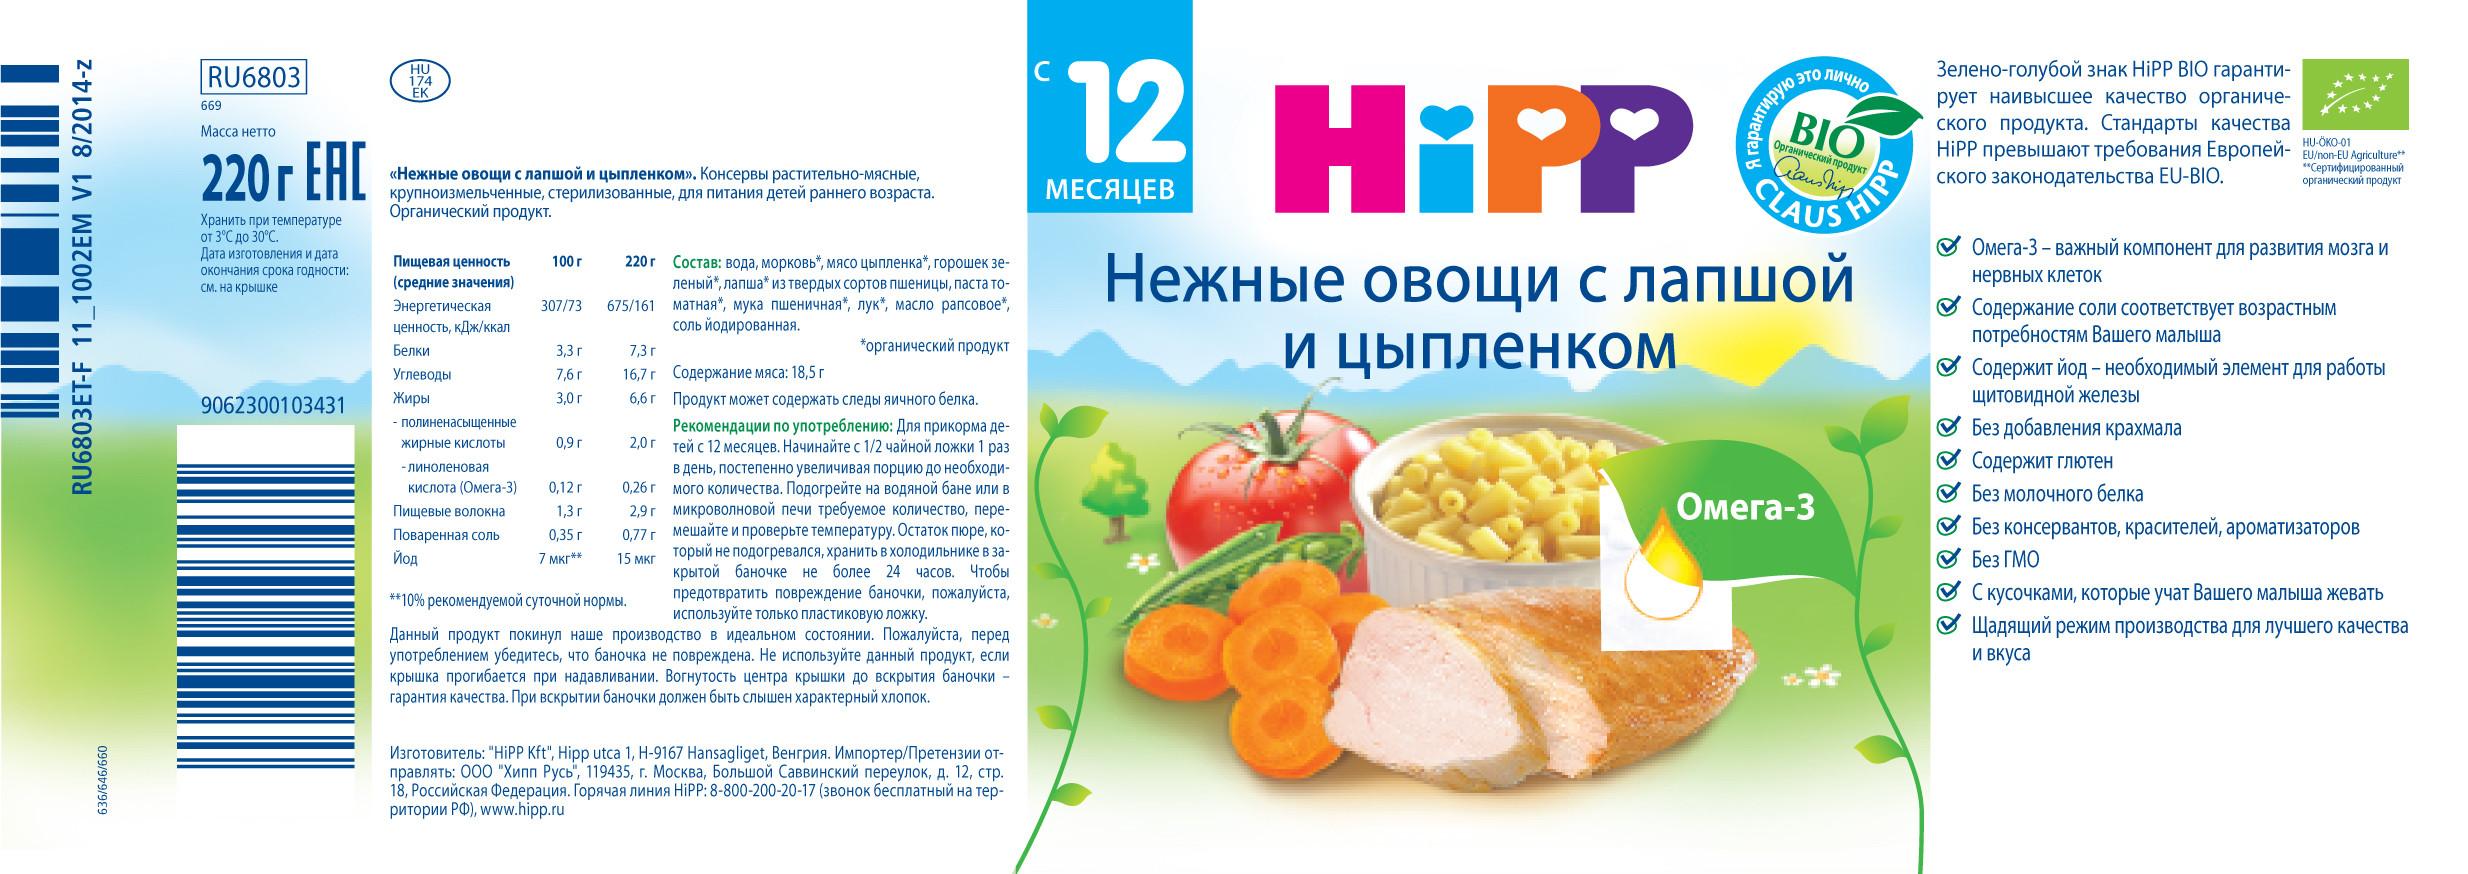 Пюре HIPP HiPP Овощи с лапшой и цыпленком (с 12 месяцев) 220 г hipp пюре овощи с лапшой в сливочном соусе с 8 месяцев 220 г